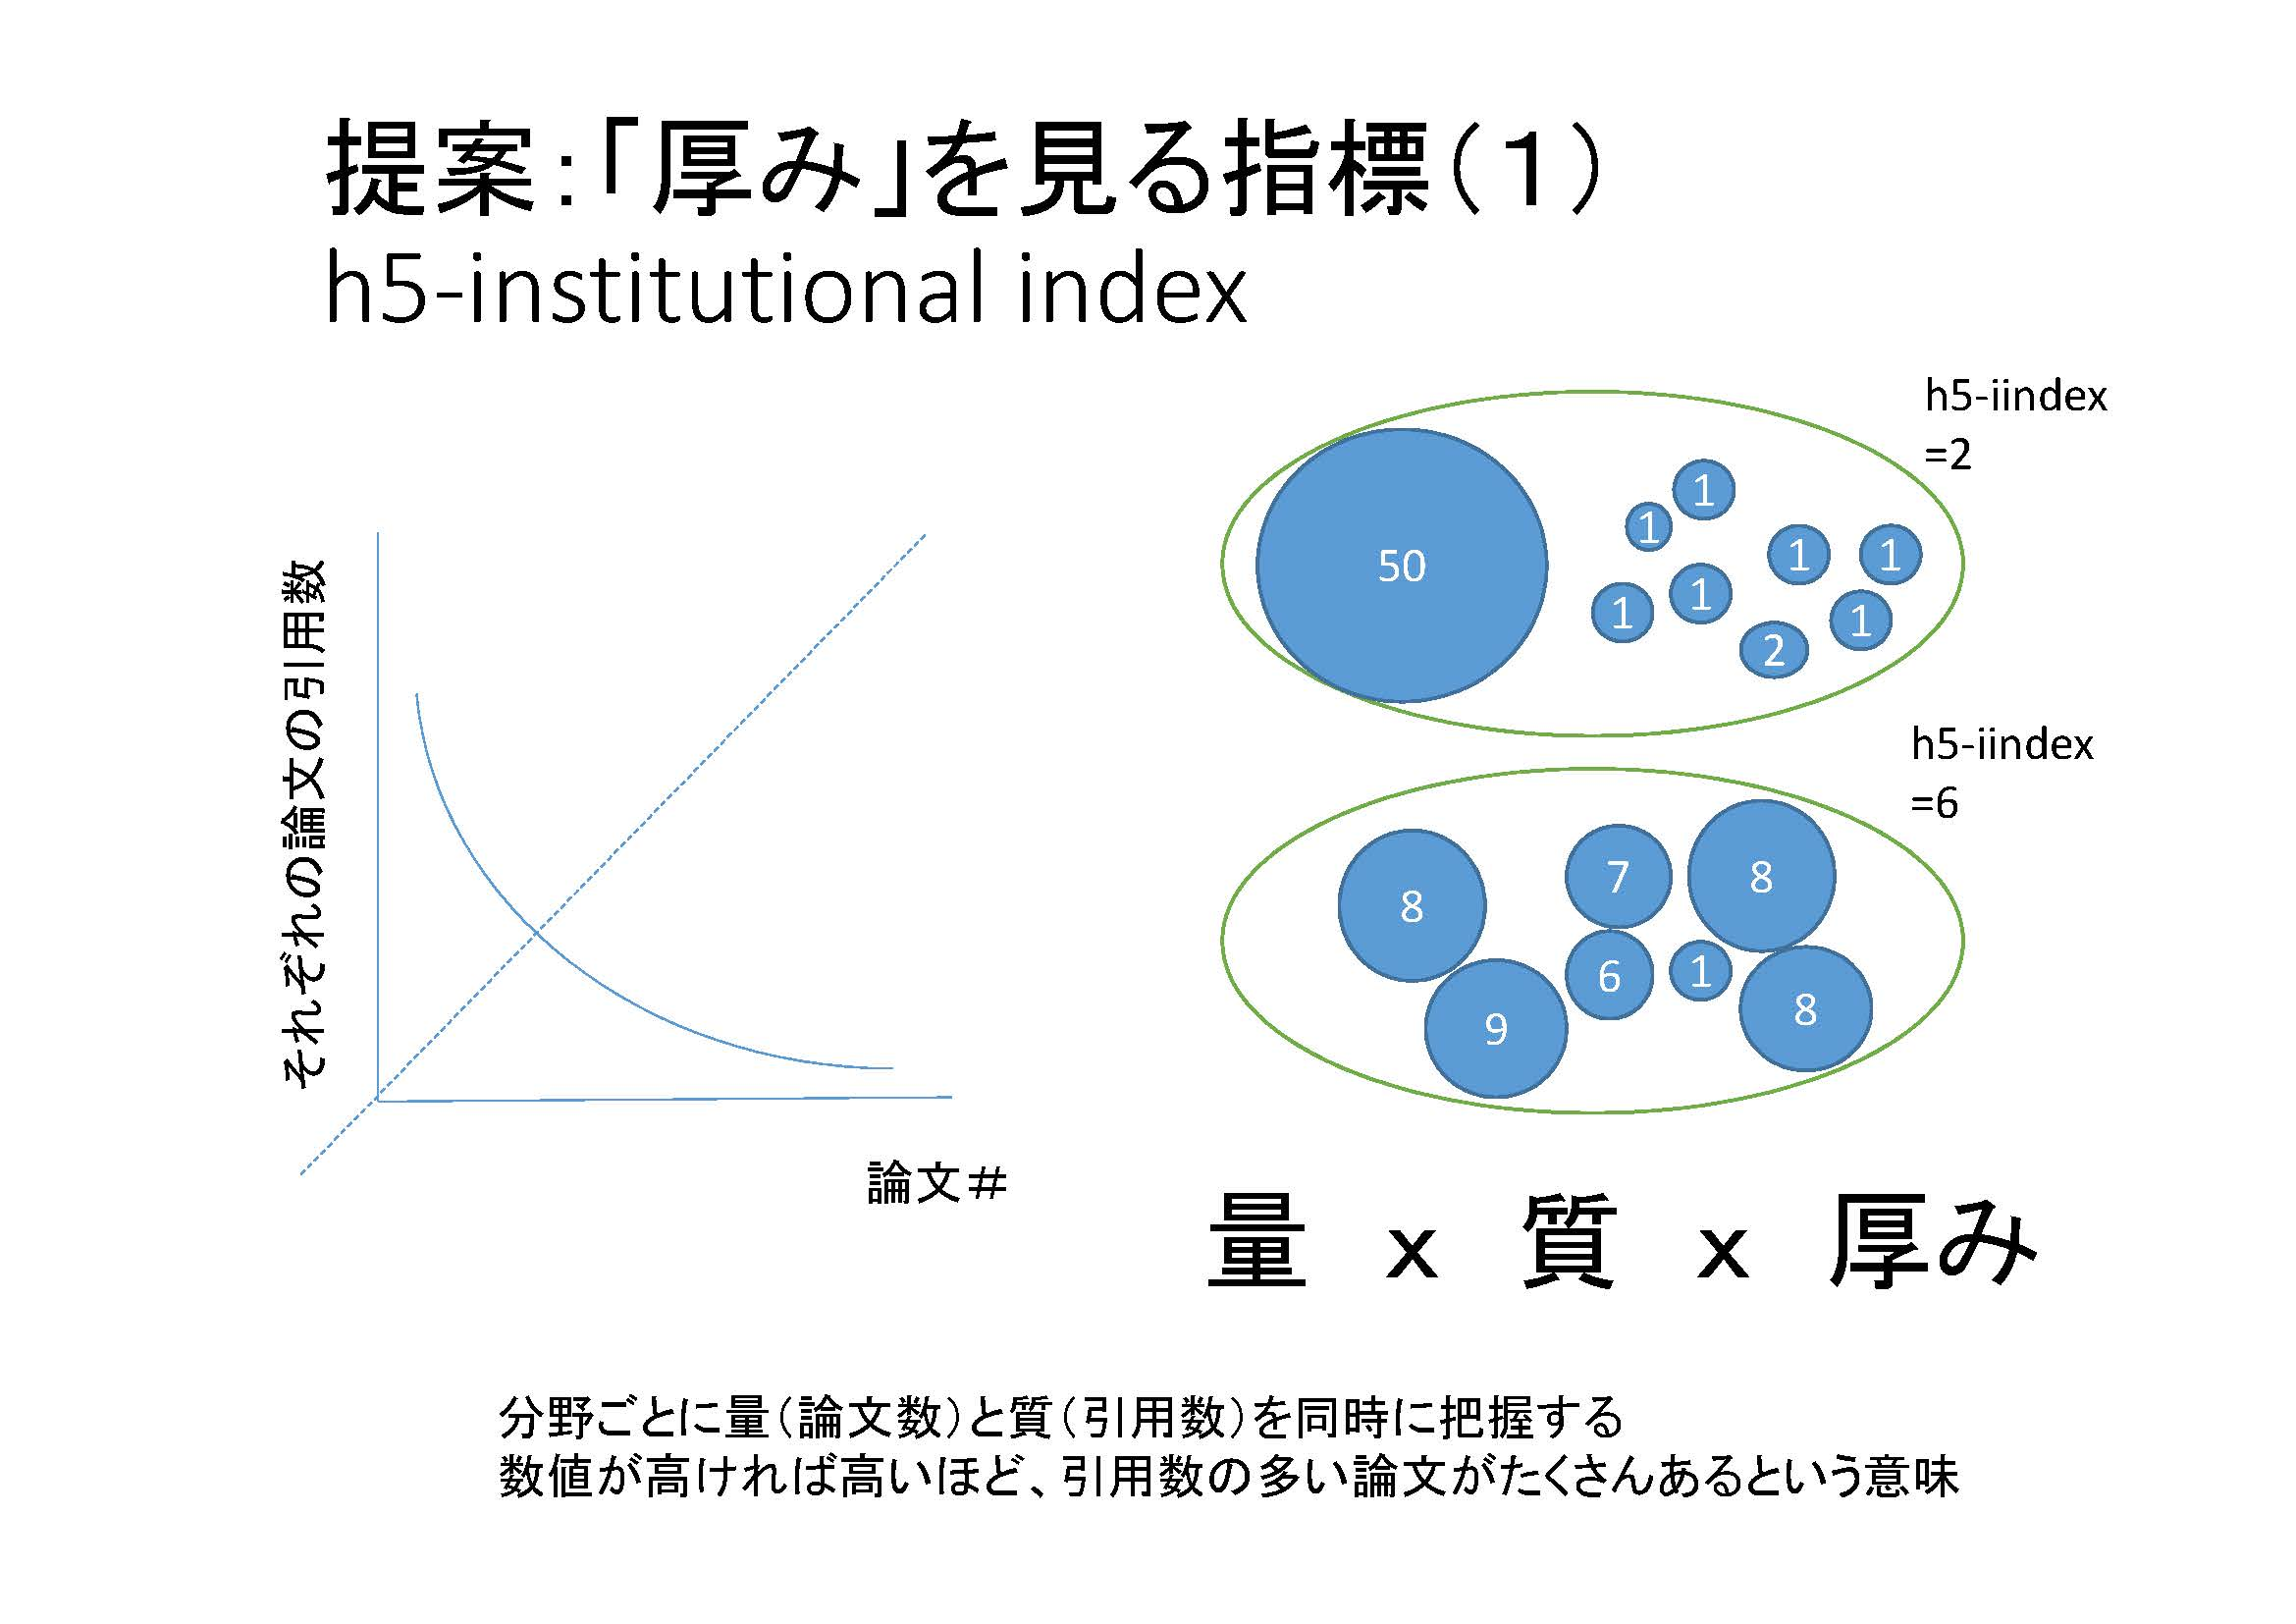 小泉氏講演資料8